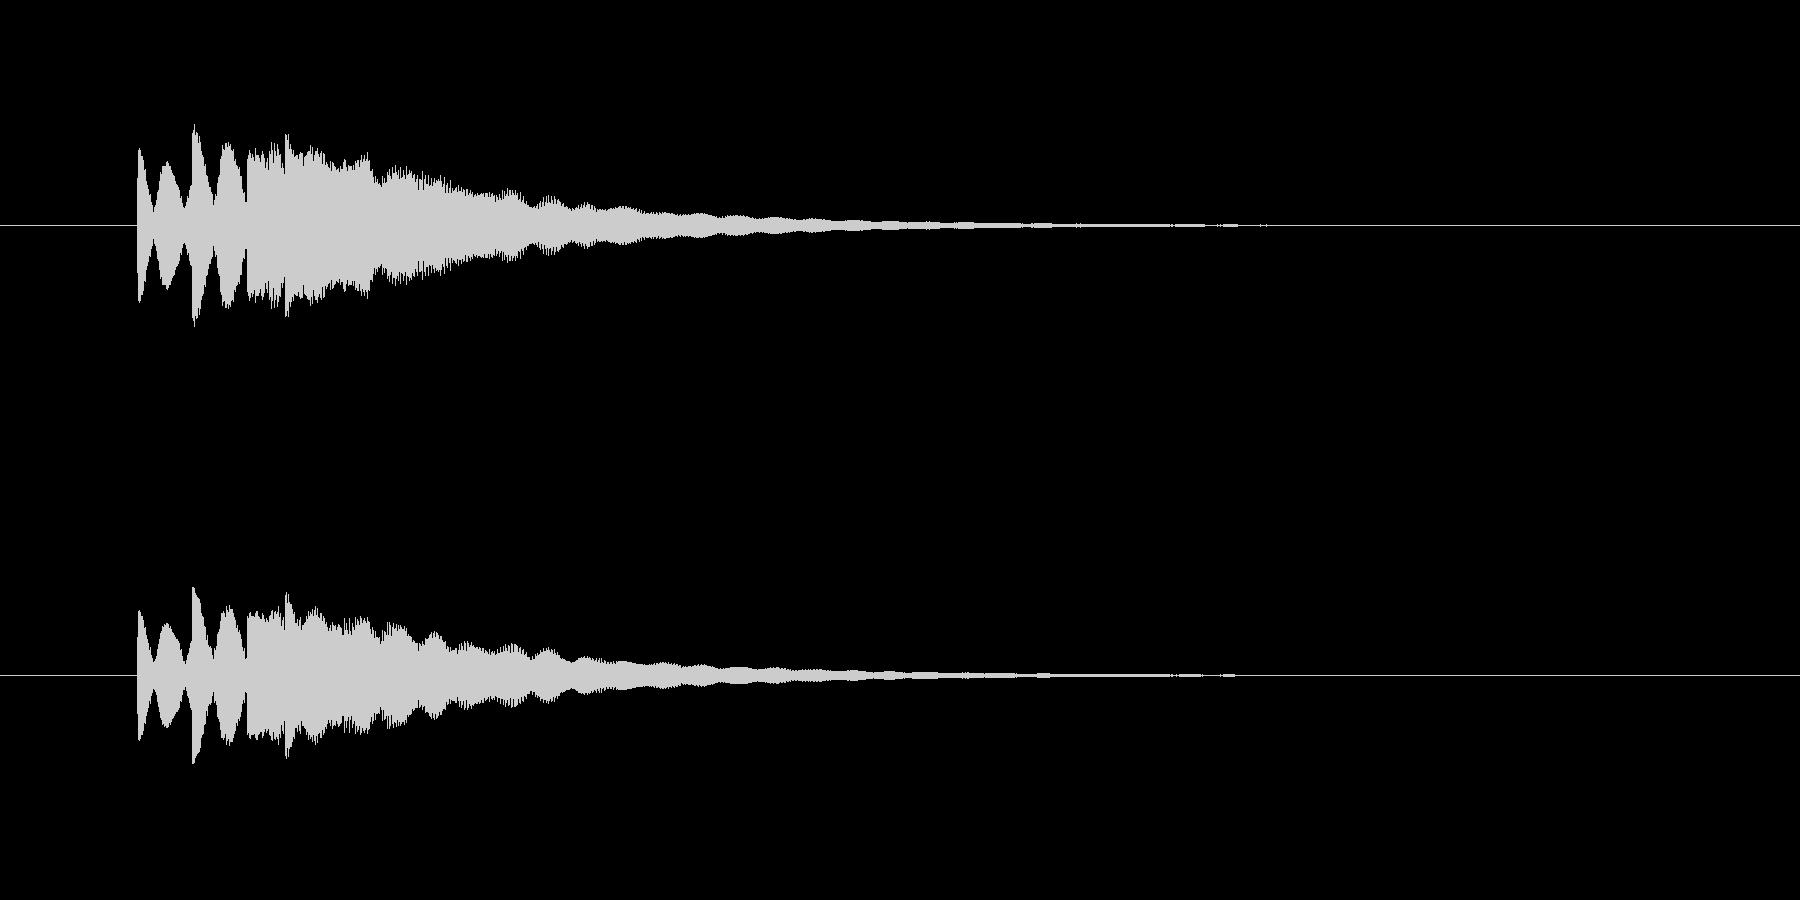 ピロピロン(お知らせ、合図)の未再生の波形